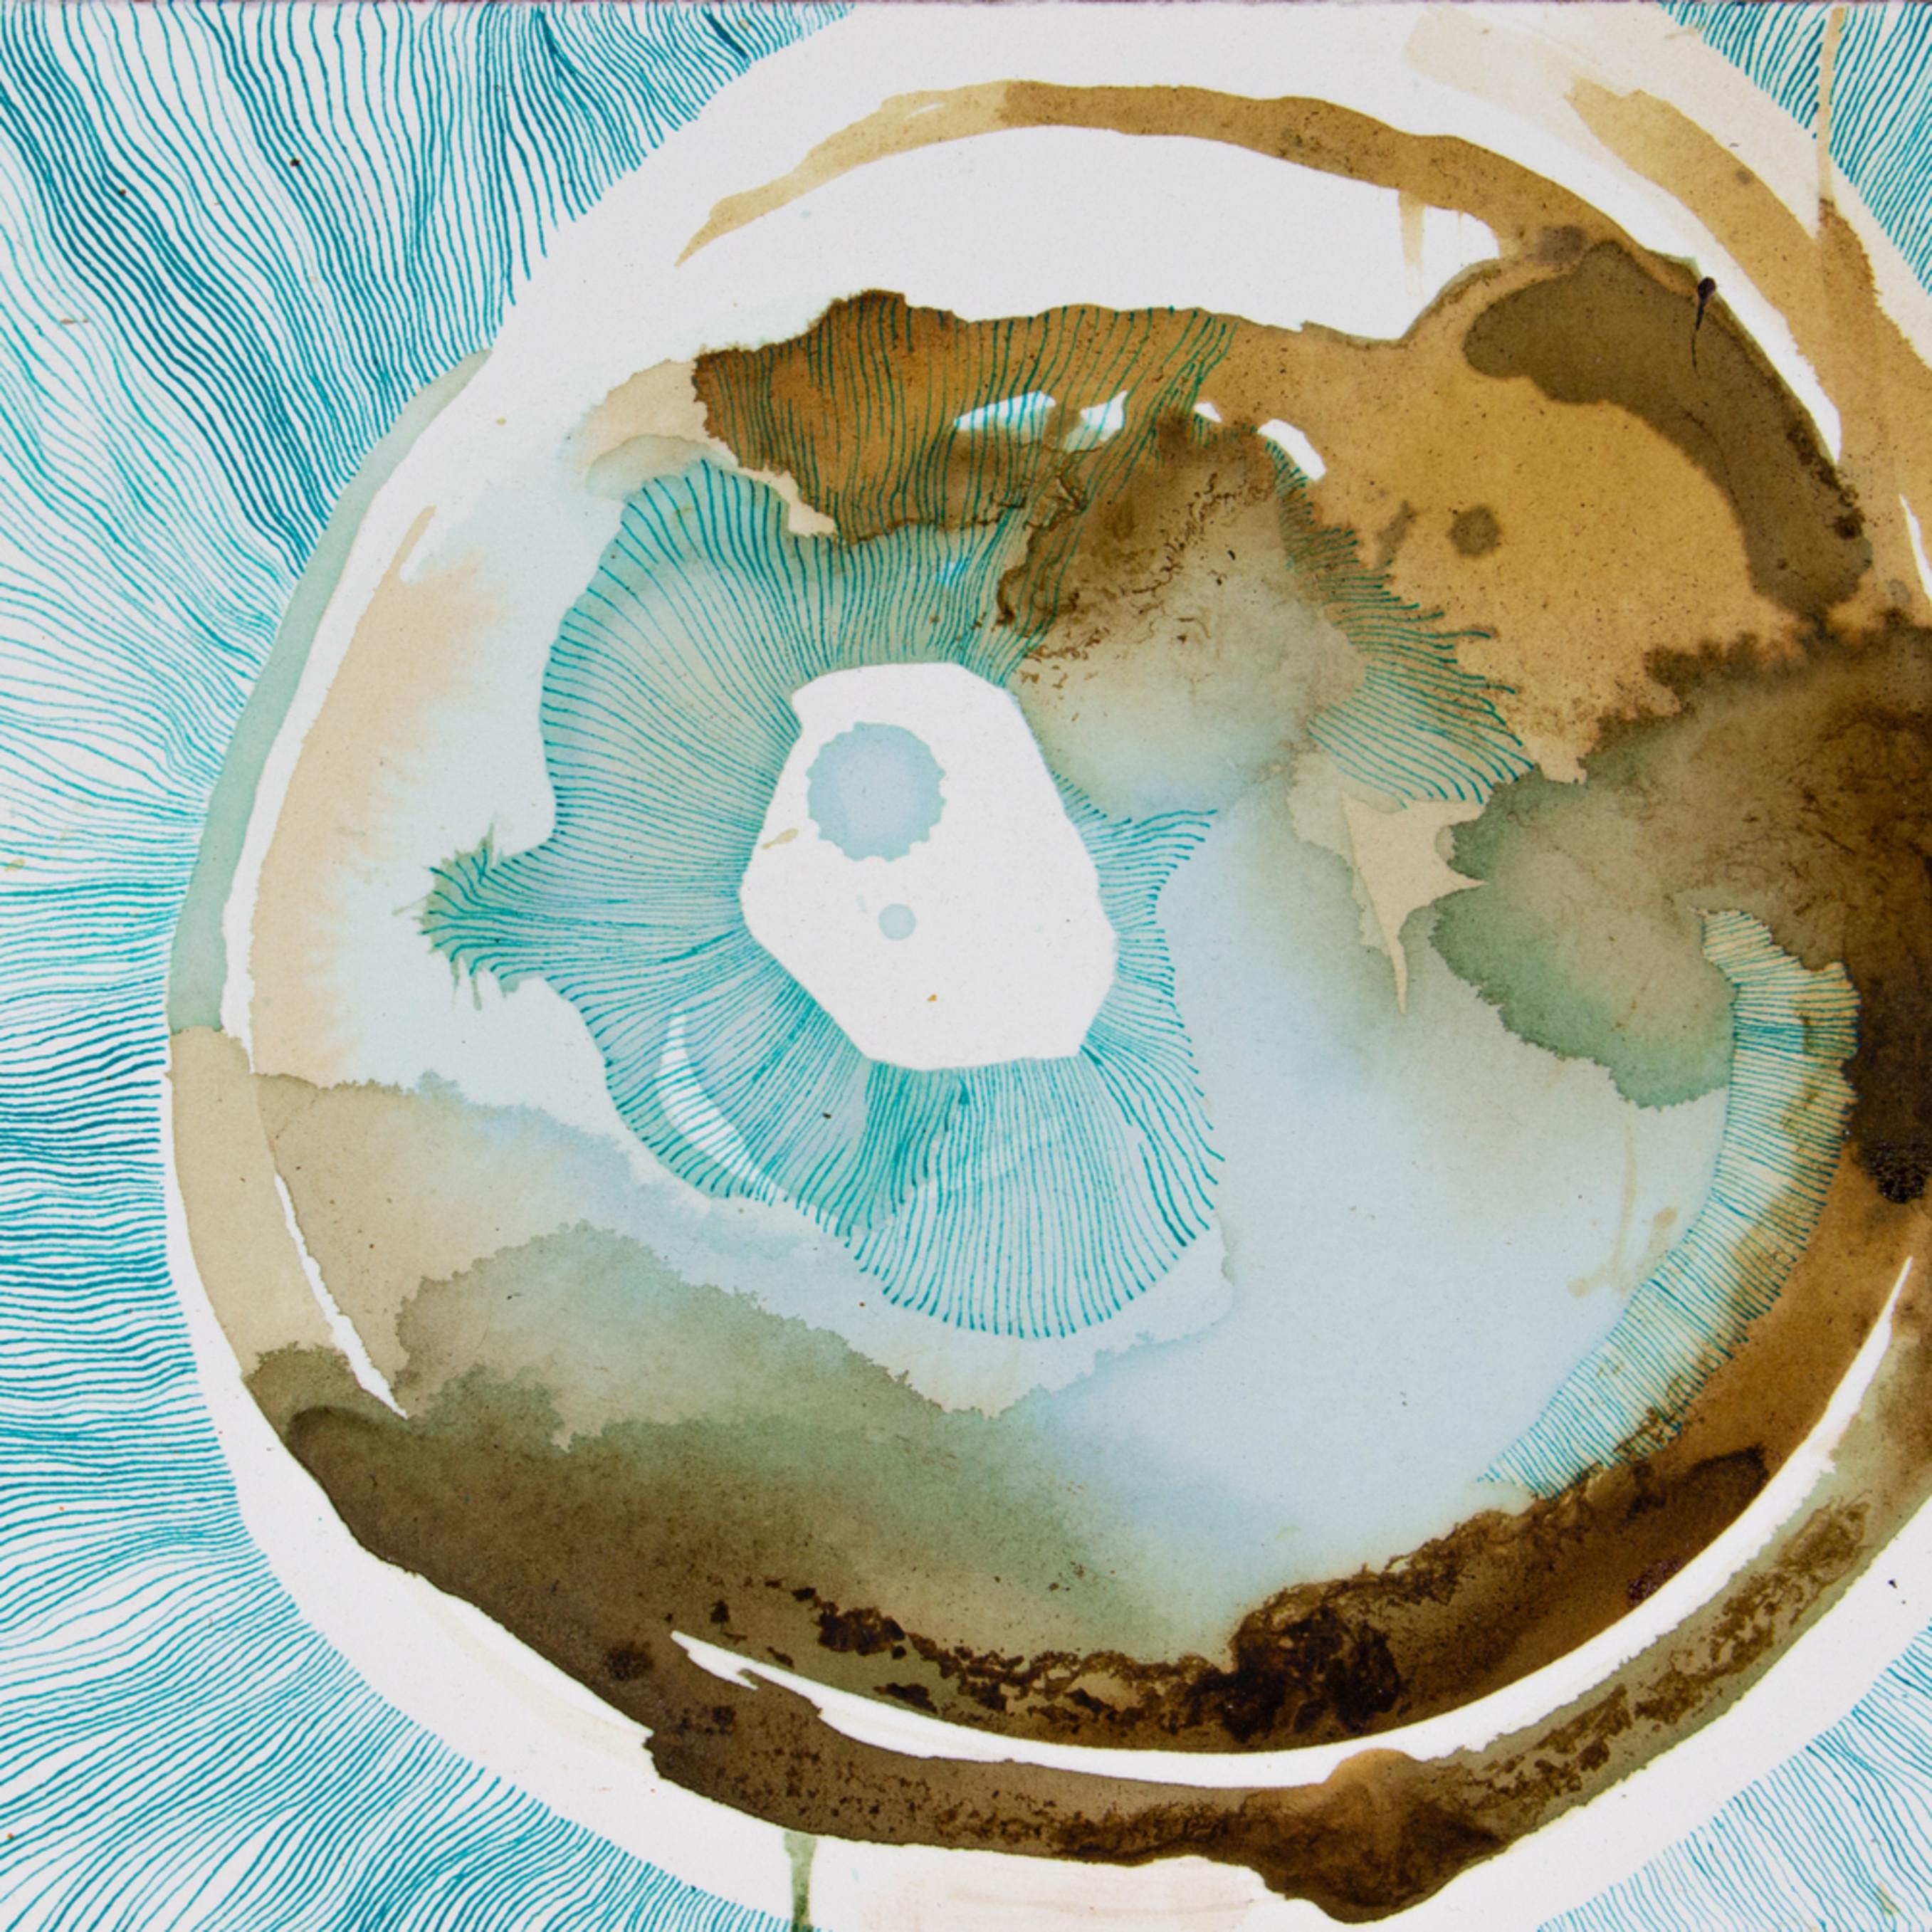 2020 04 shewhocaressesuncertainty 8x6 copperoxidecoffeeredoniononpaper fullflush 7280 md6exv